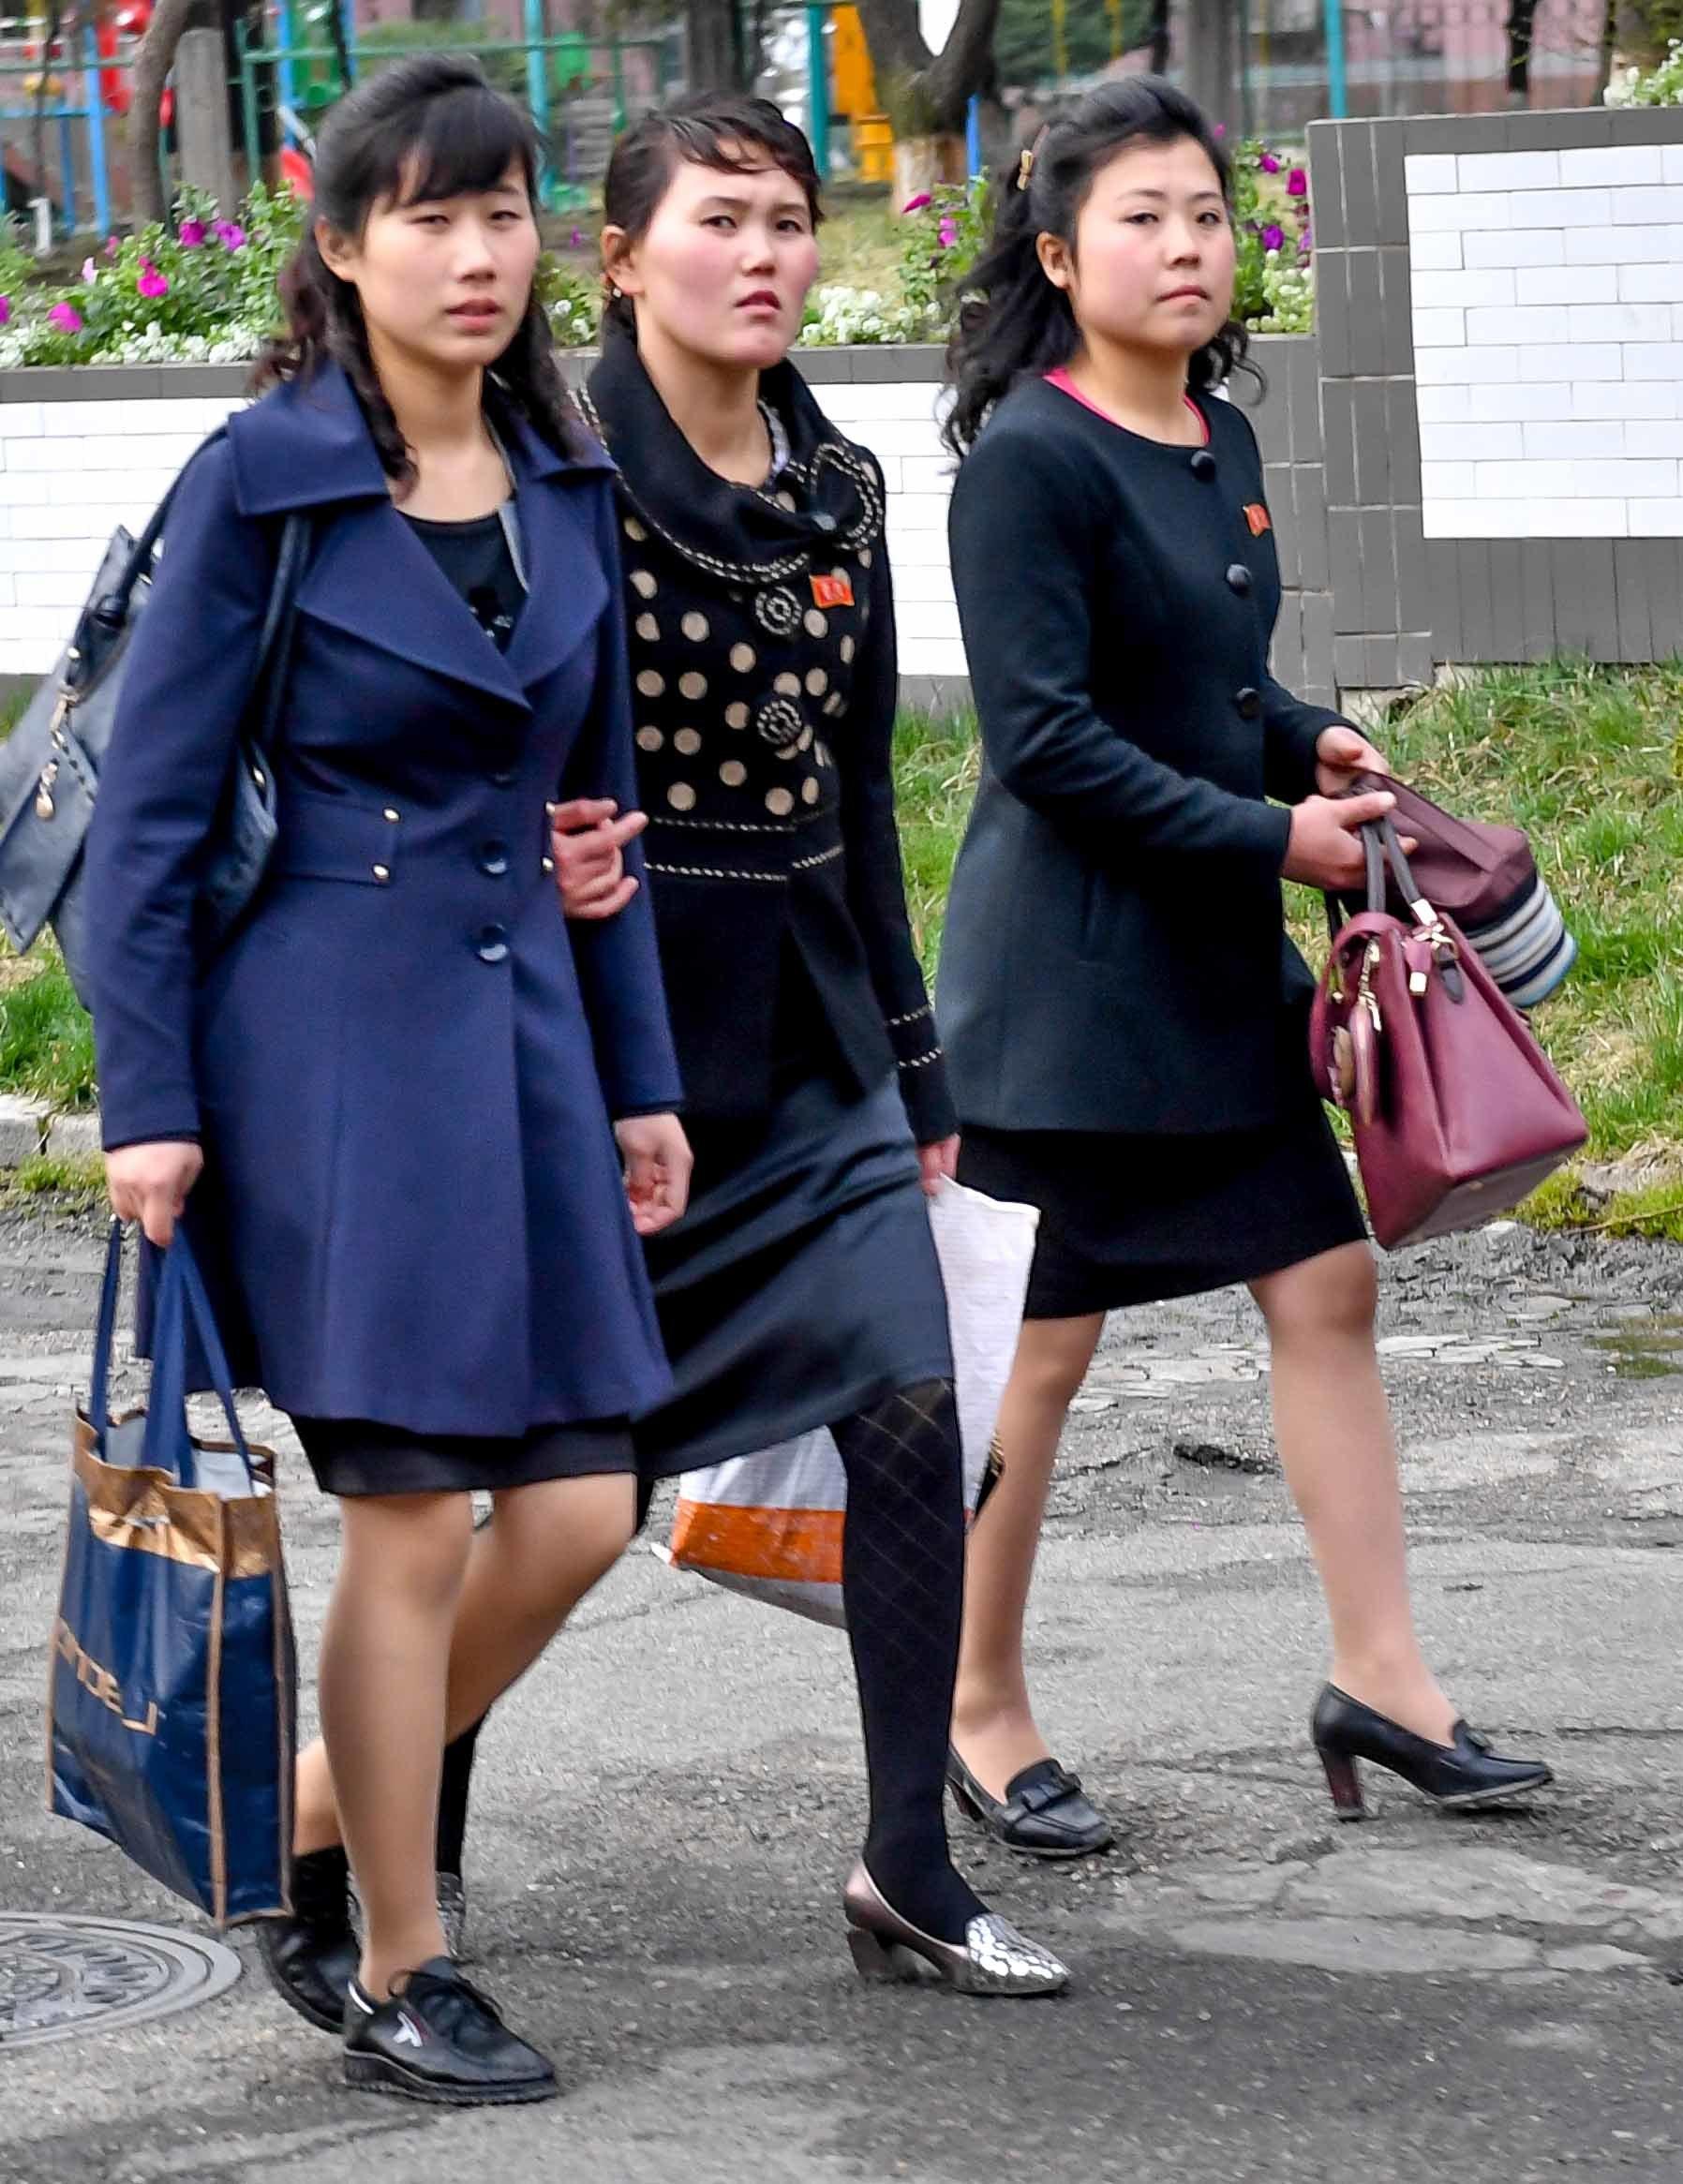 6일 완연한 봄날씨에 밝고 화사한 옷을 입은 여성들이 거리를 걷고 있다. 사진공동취재단